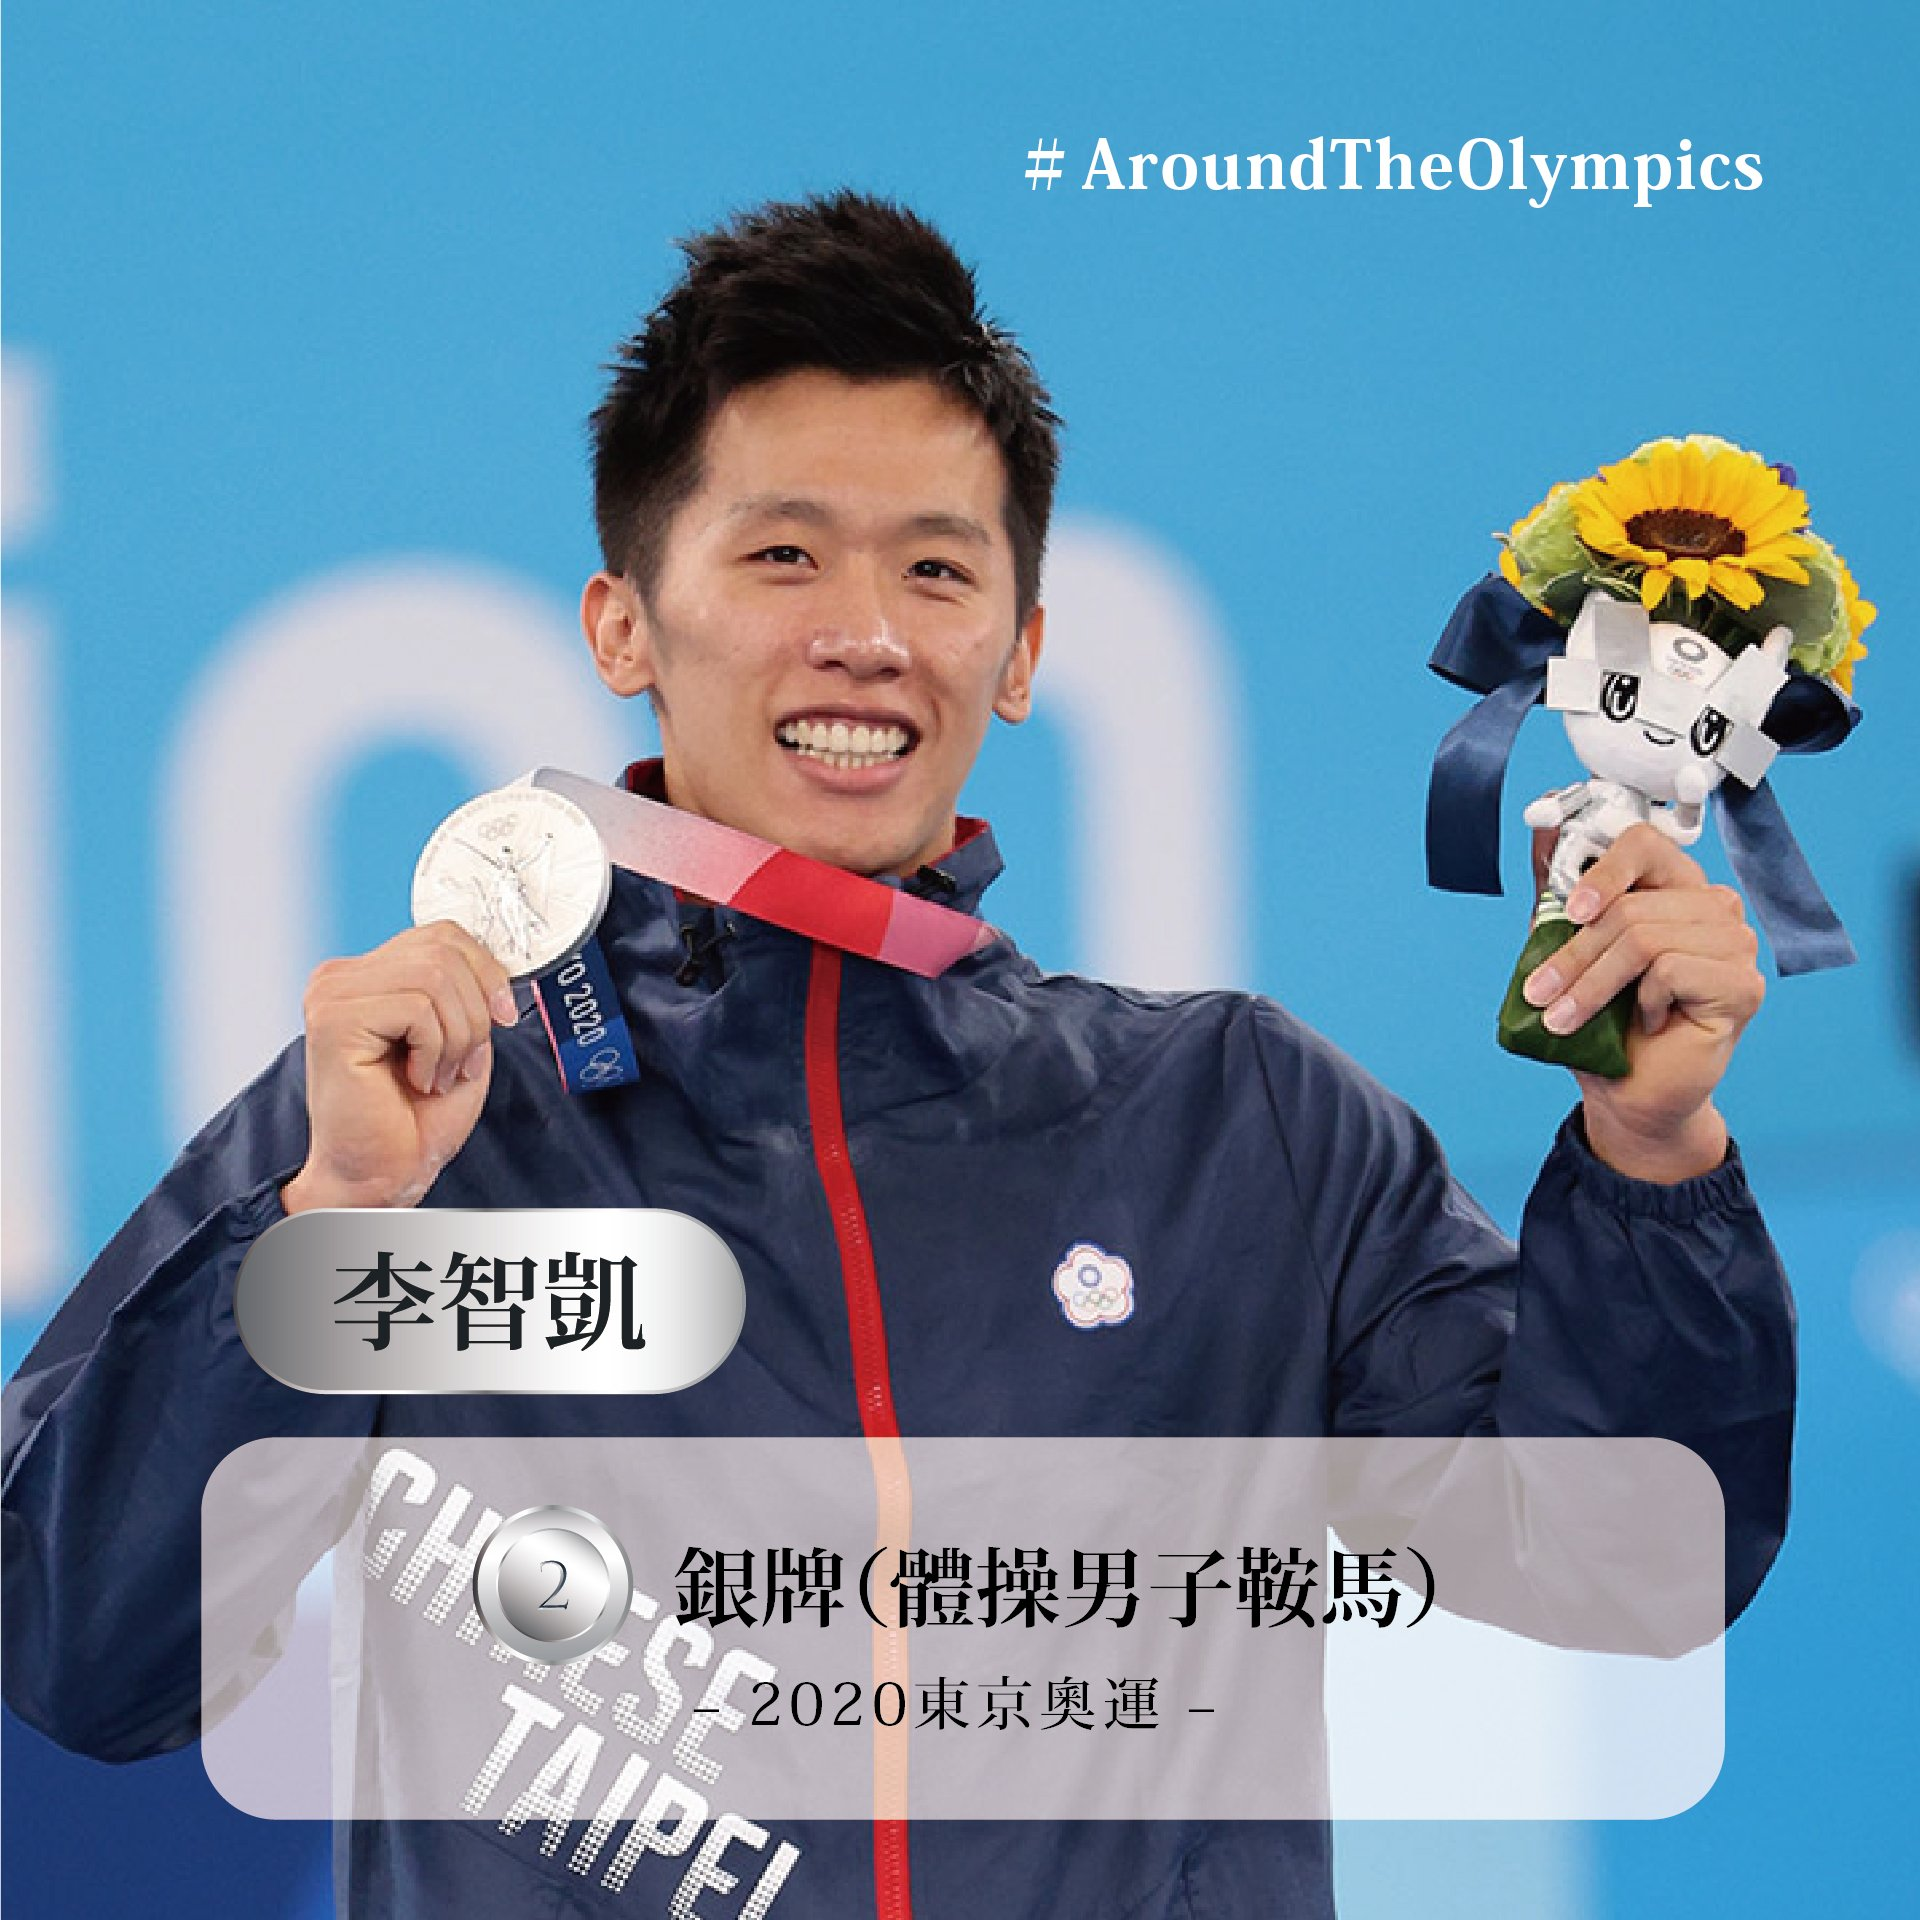 在國際舞台上嶄露頭角的群星|台灣歷屆奧運得獎選手III